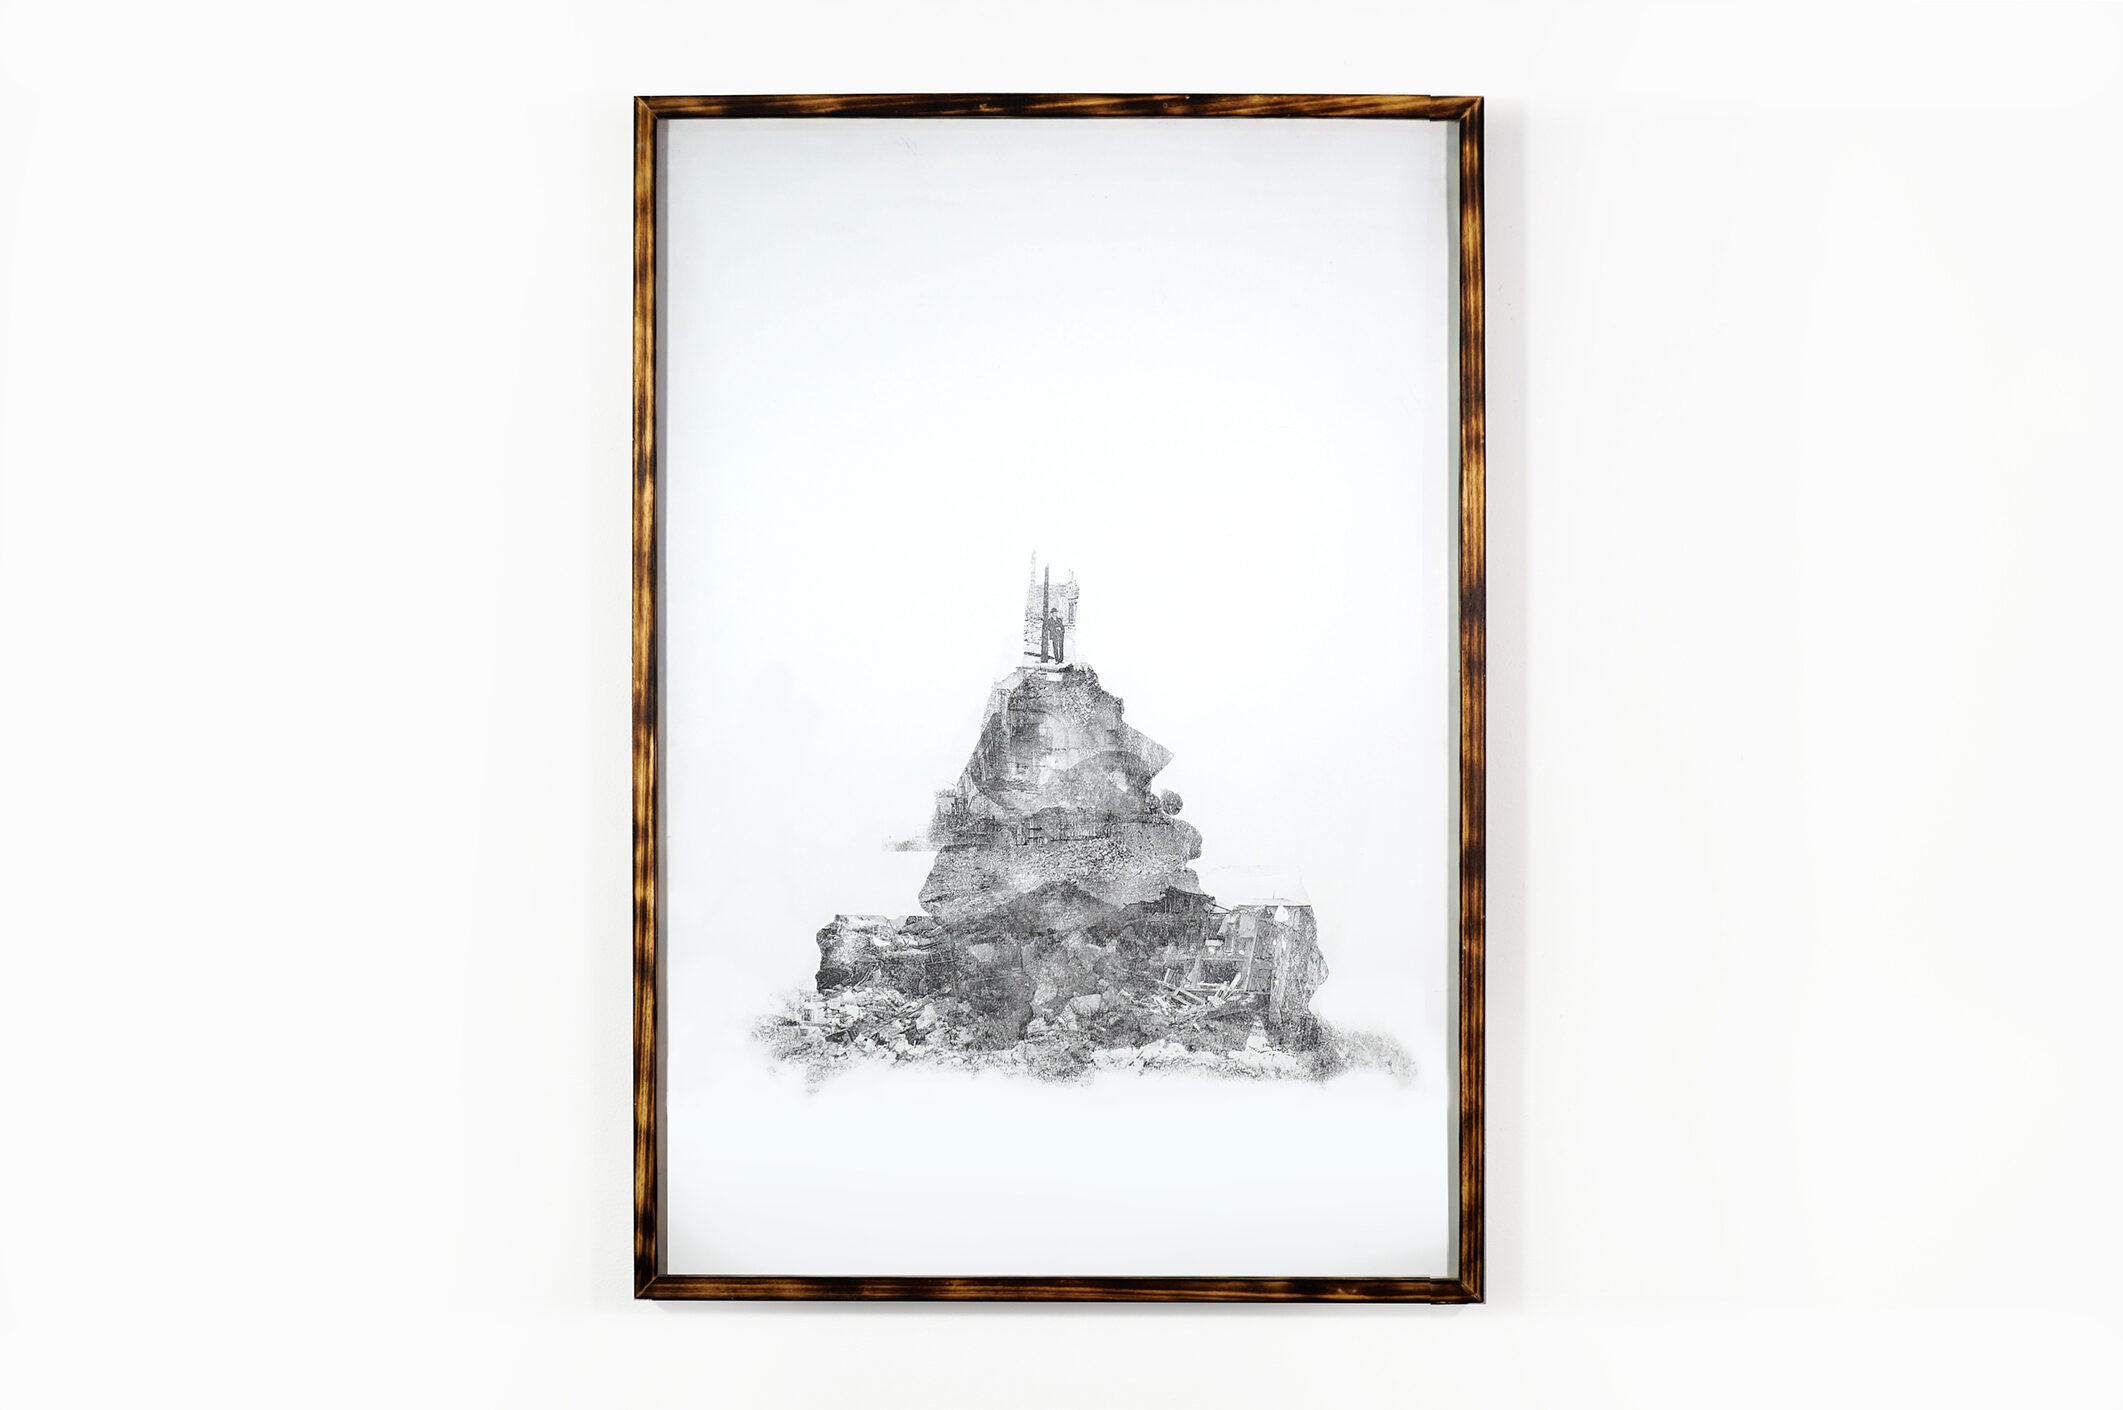 identity - 73x103 cm with frame